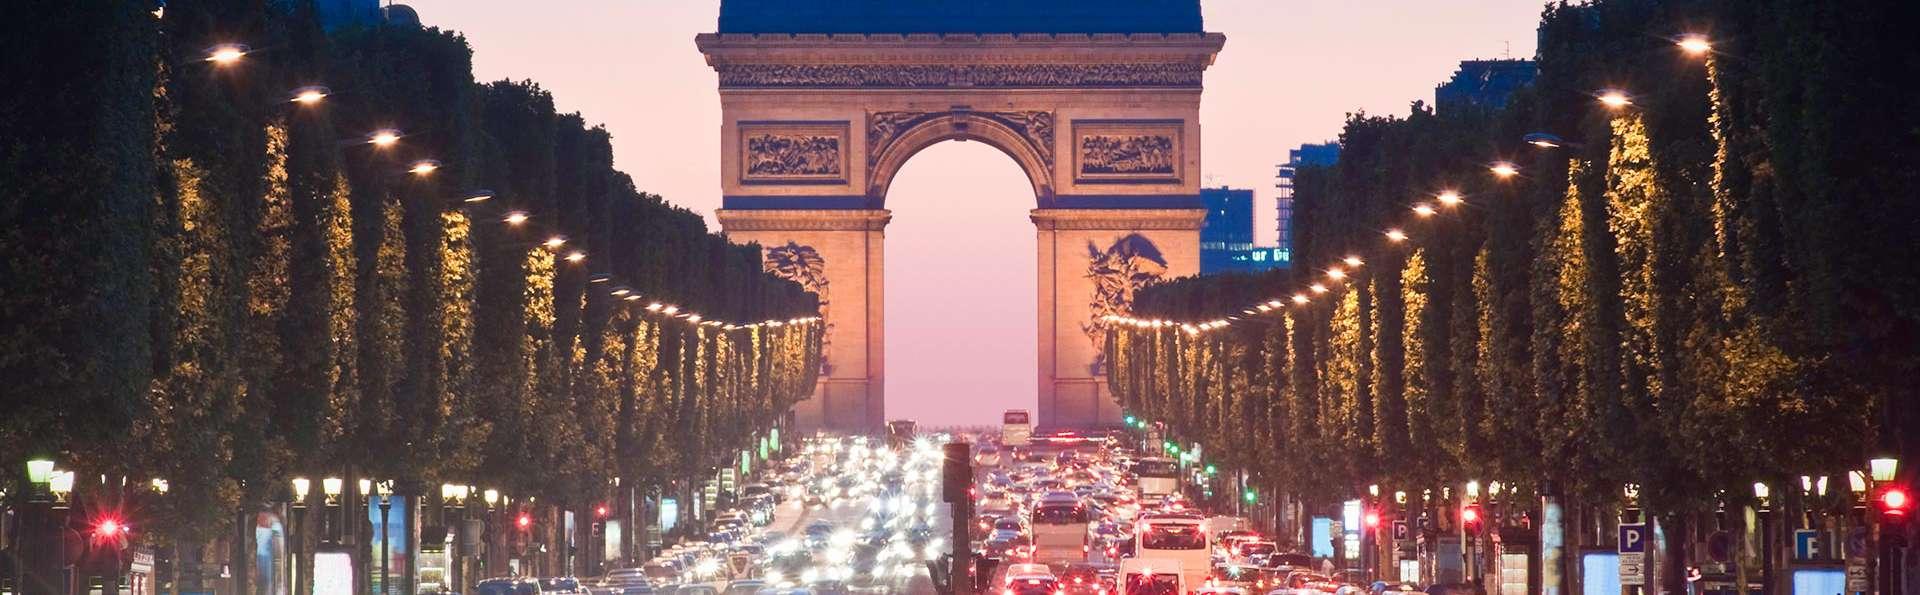 Hôtel Massena - Paris - Edit_Arc.jpg